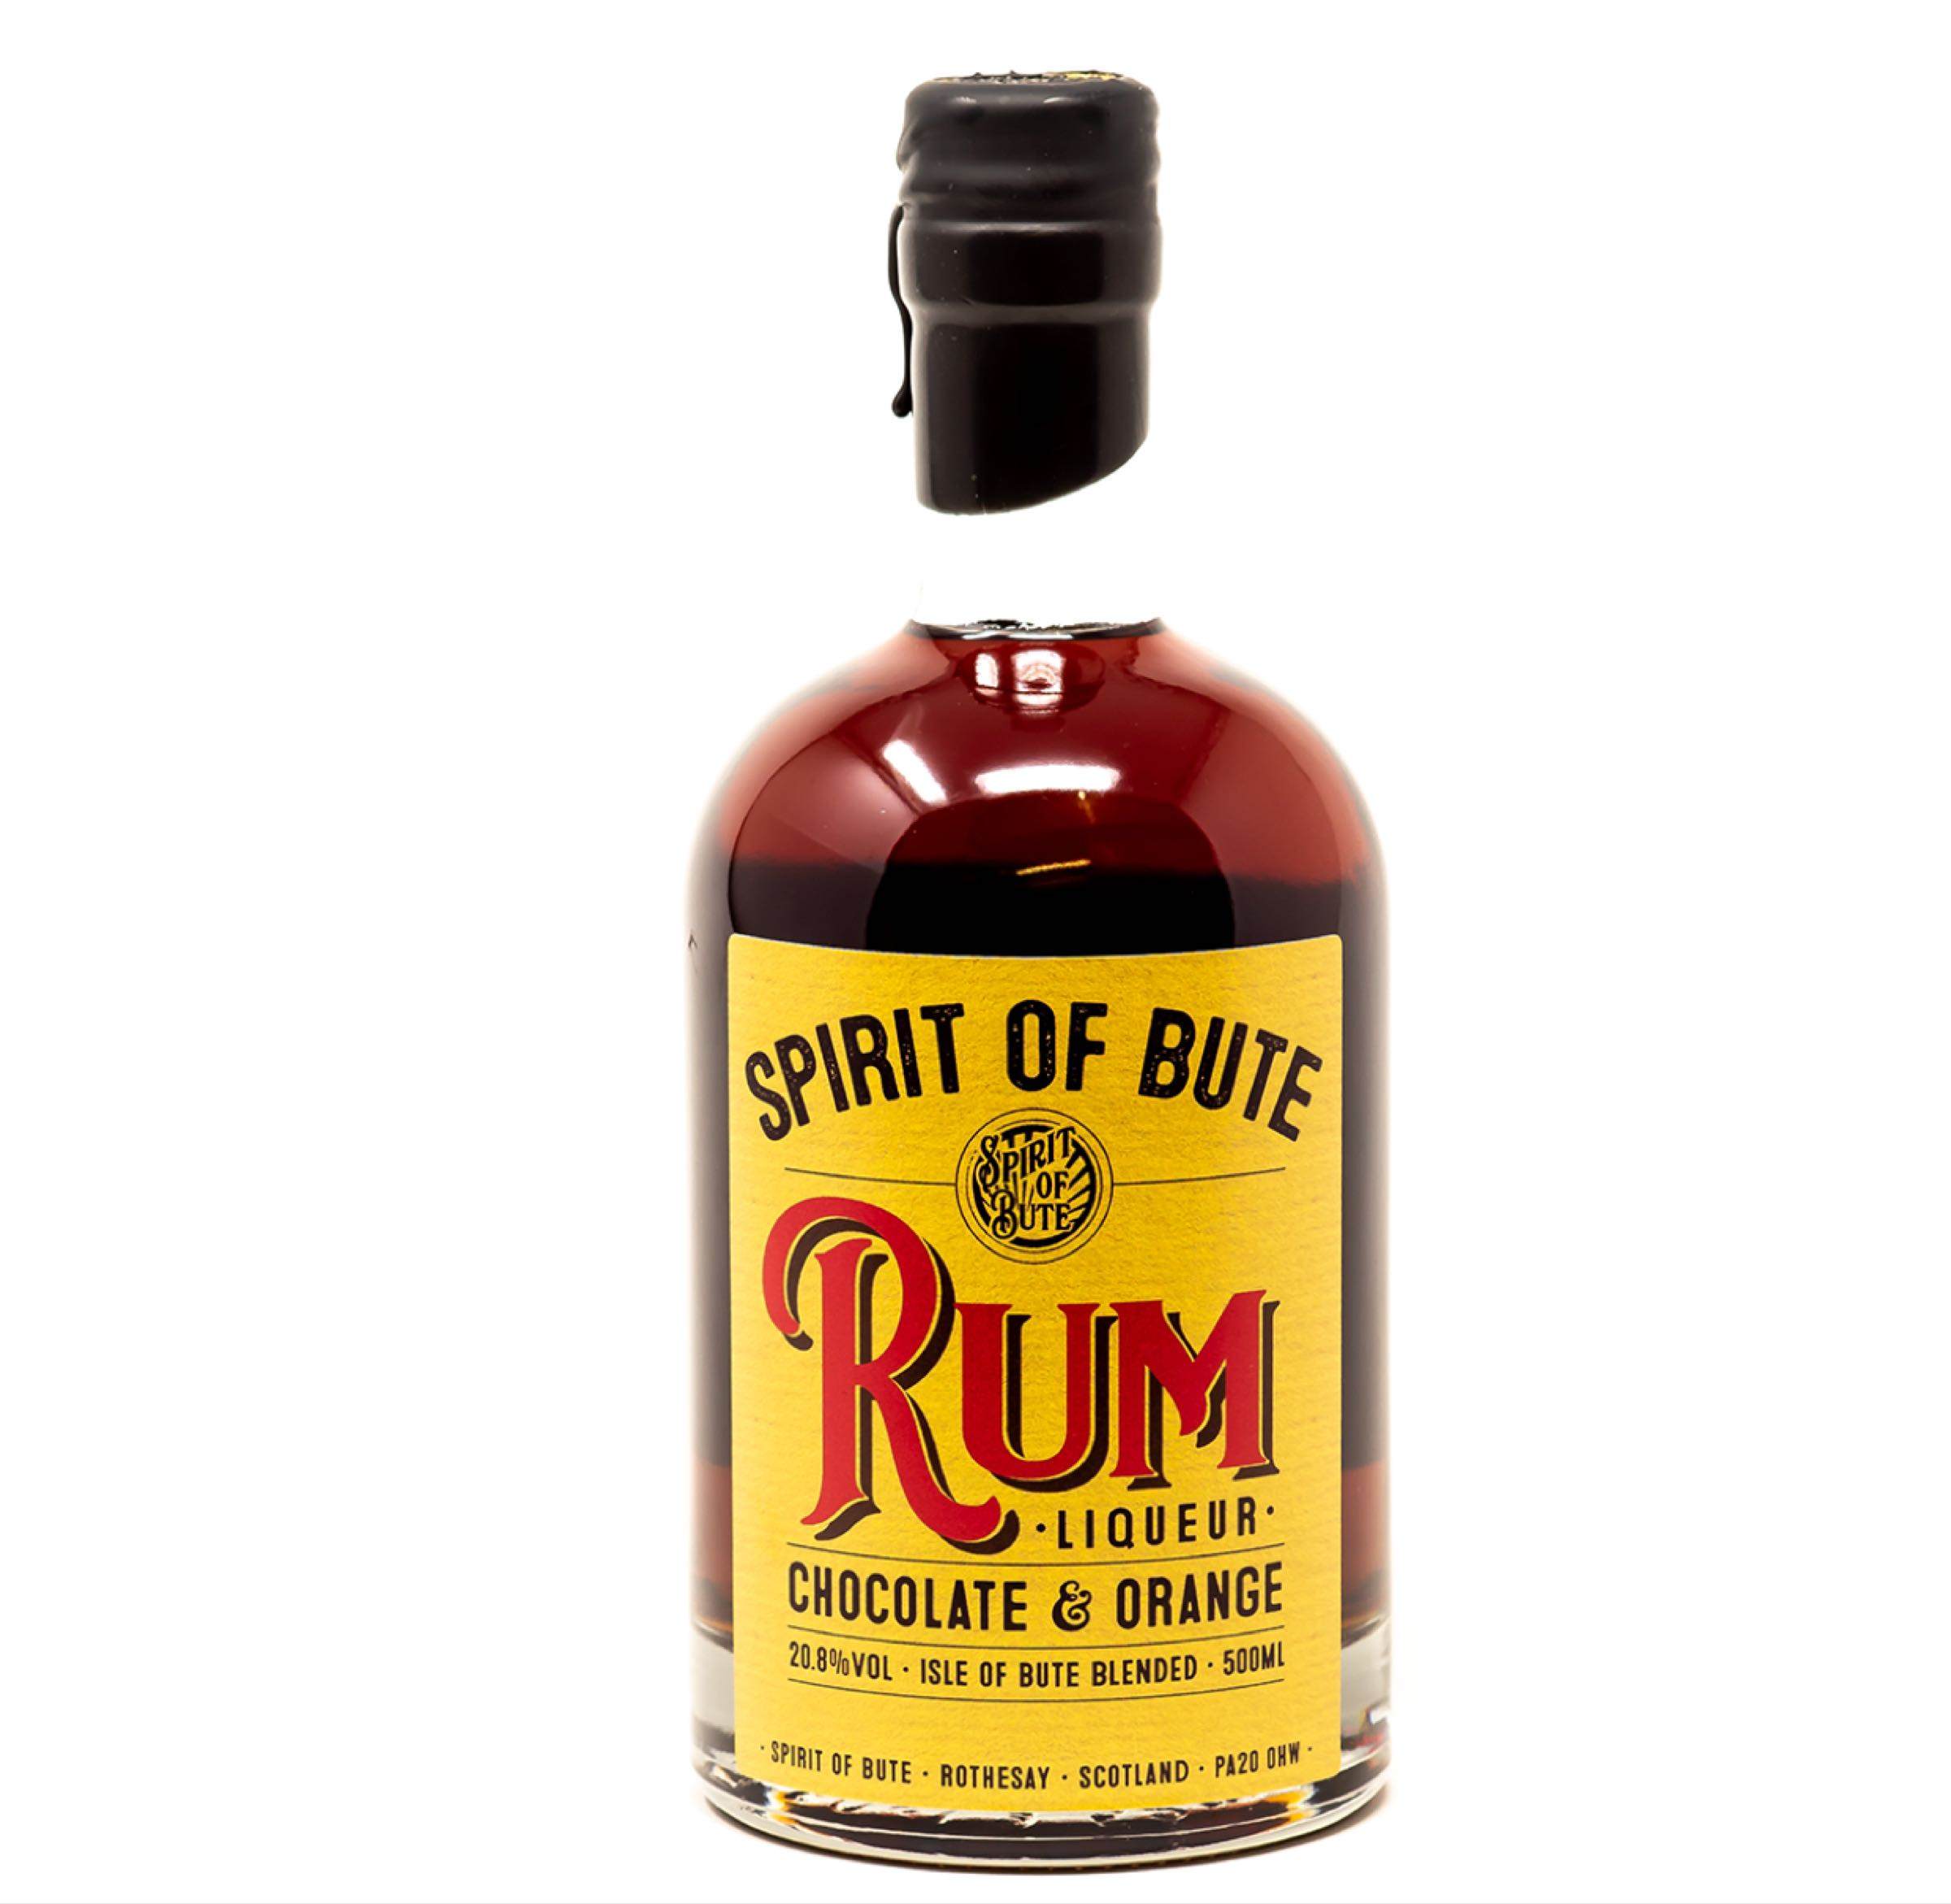 SOB Rum Liqueur (Choc & Orange)